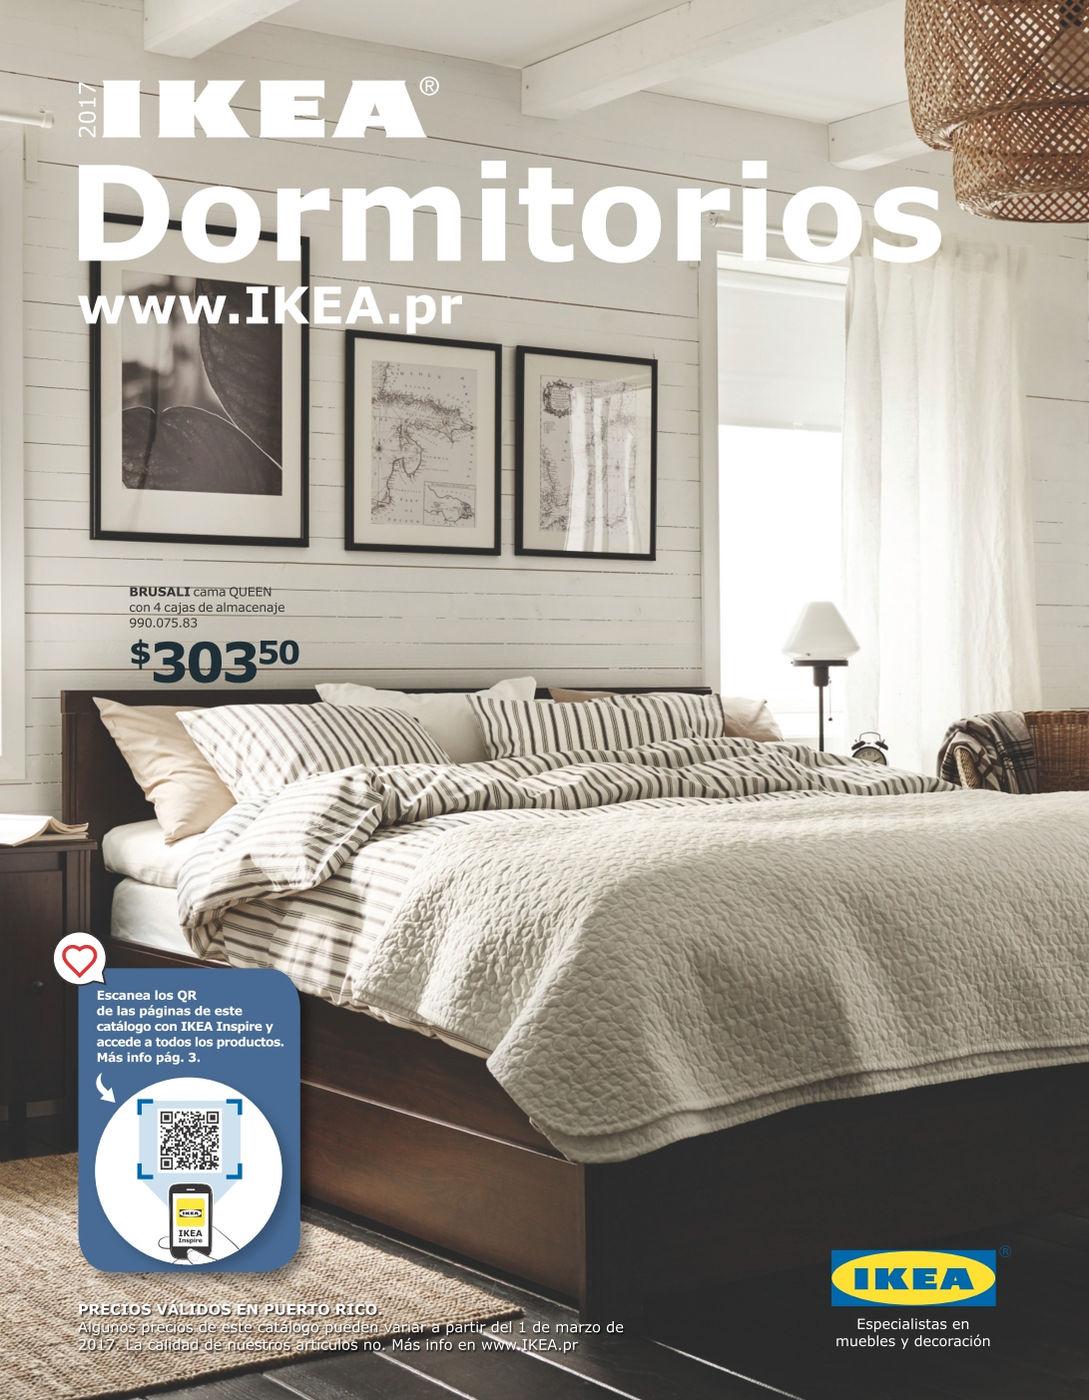 Ikea Dormitorios 2017 Puerto Rico - Ikea-dormitorios-catalogo